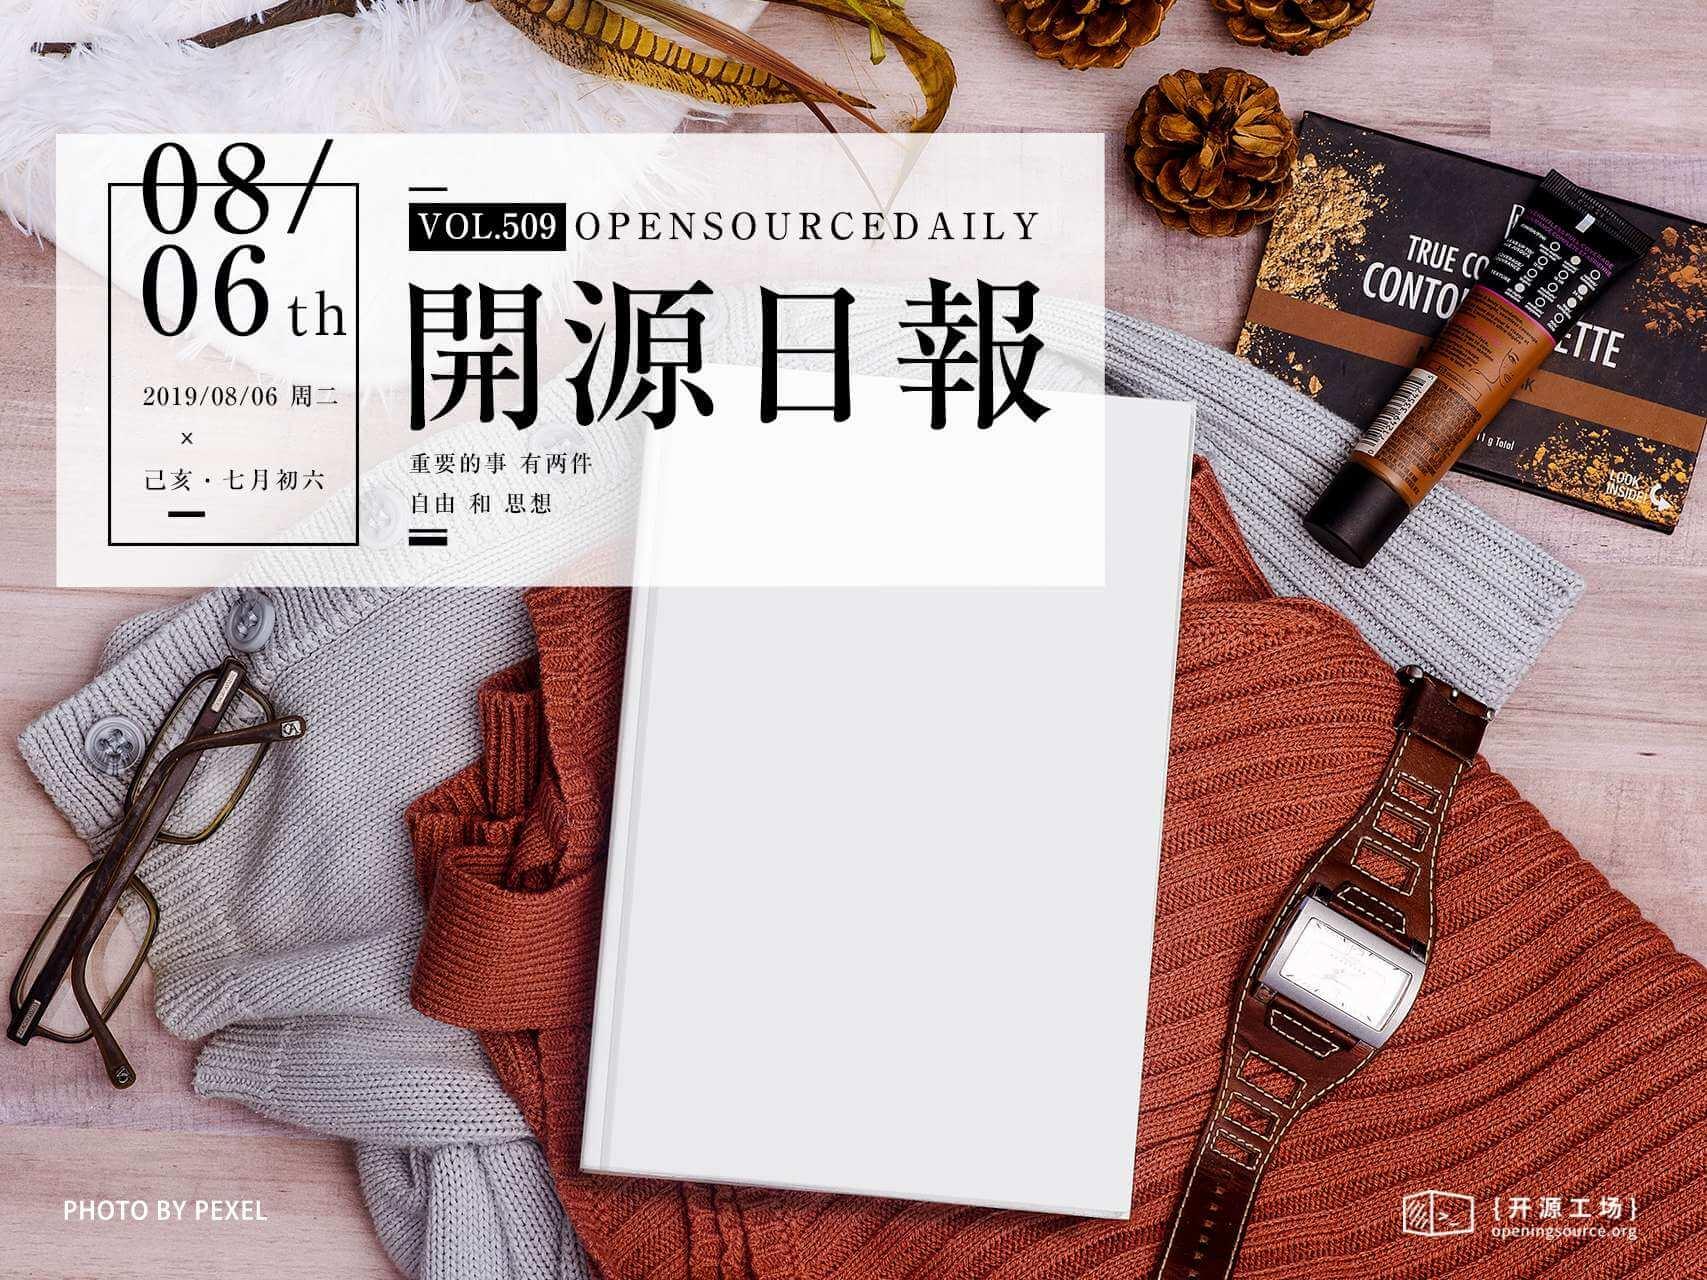 開源日報第509期:《自我定製 my-2048》